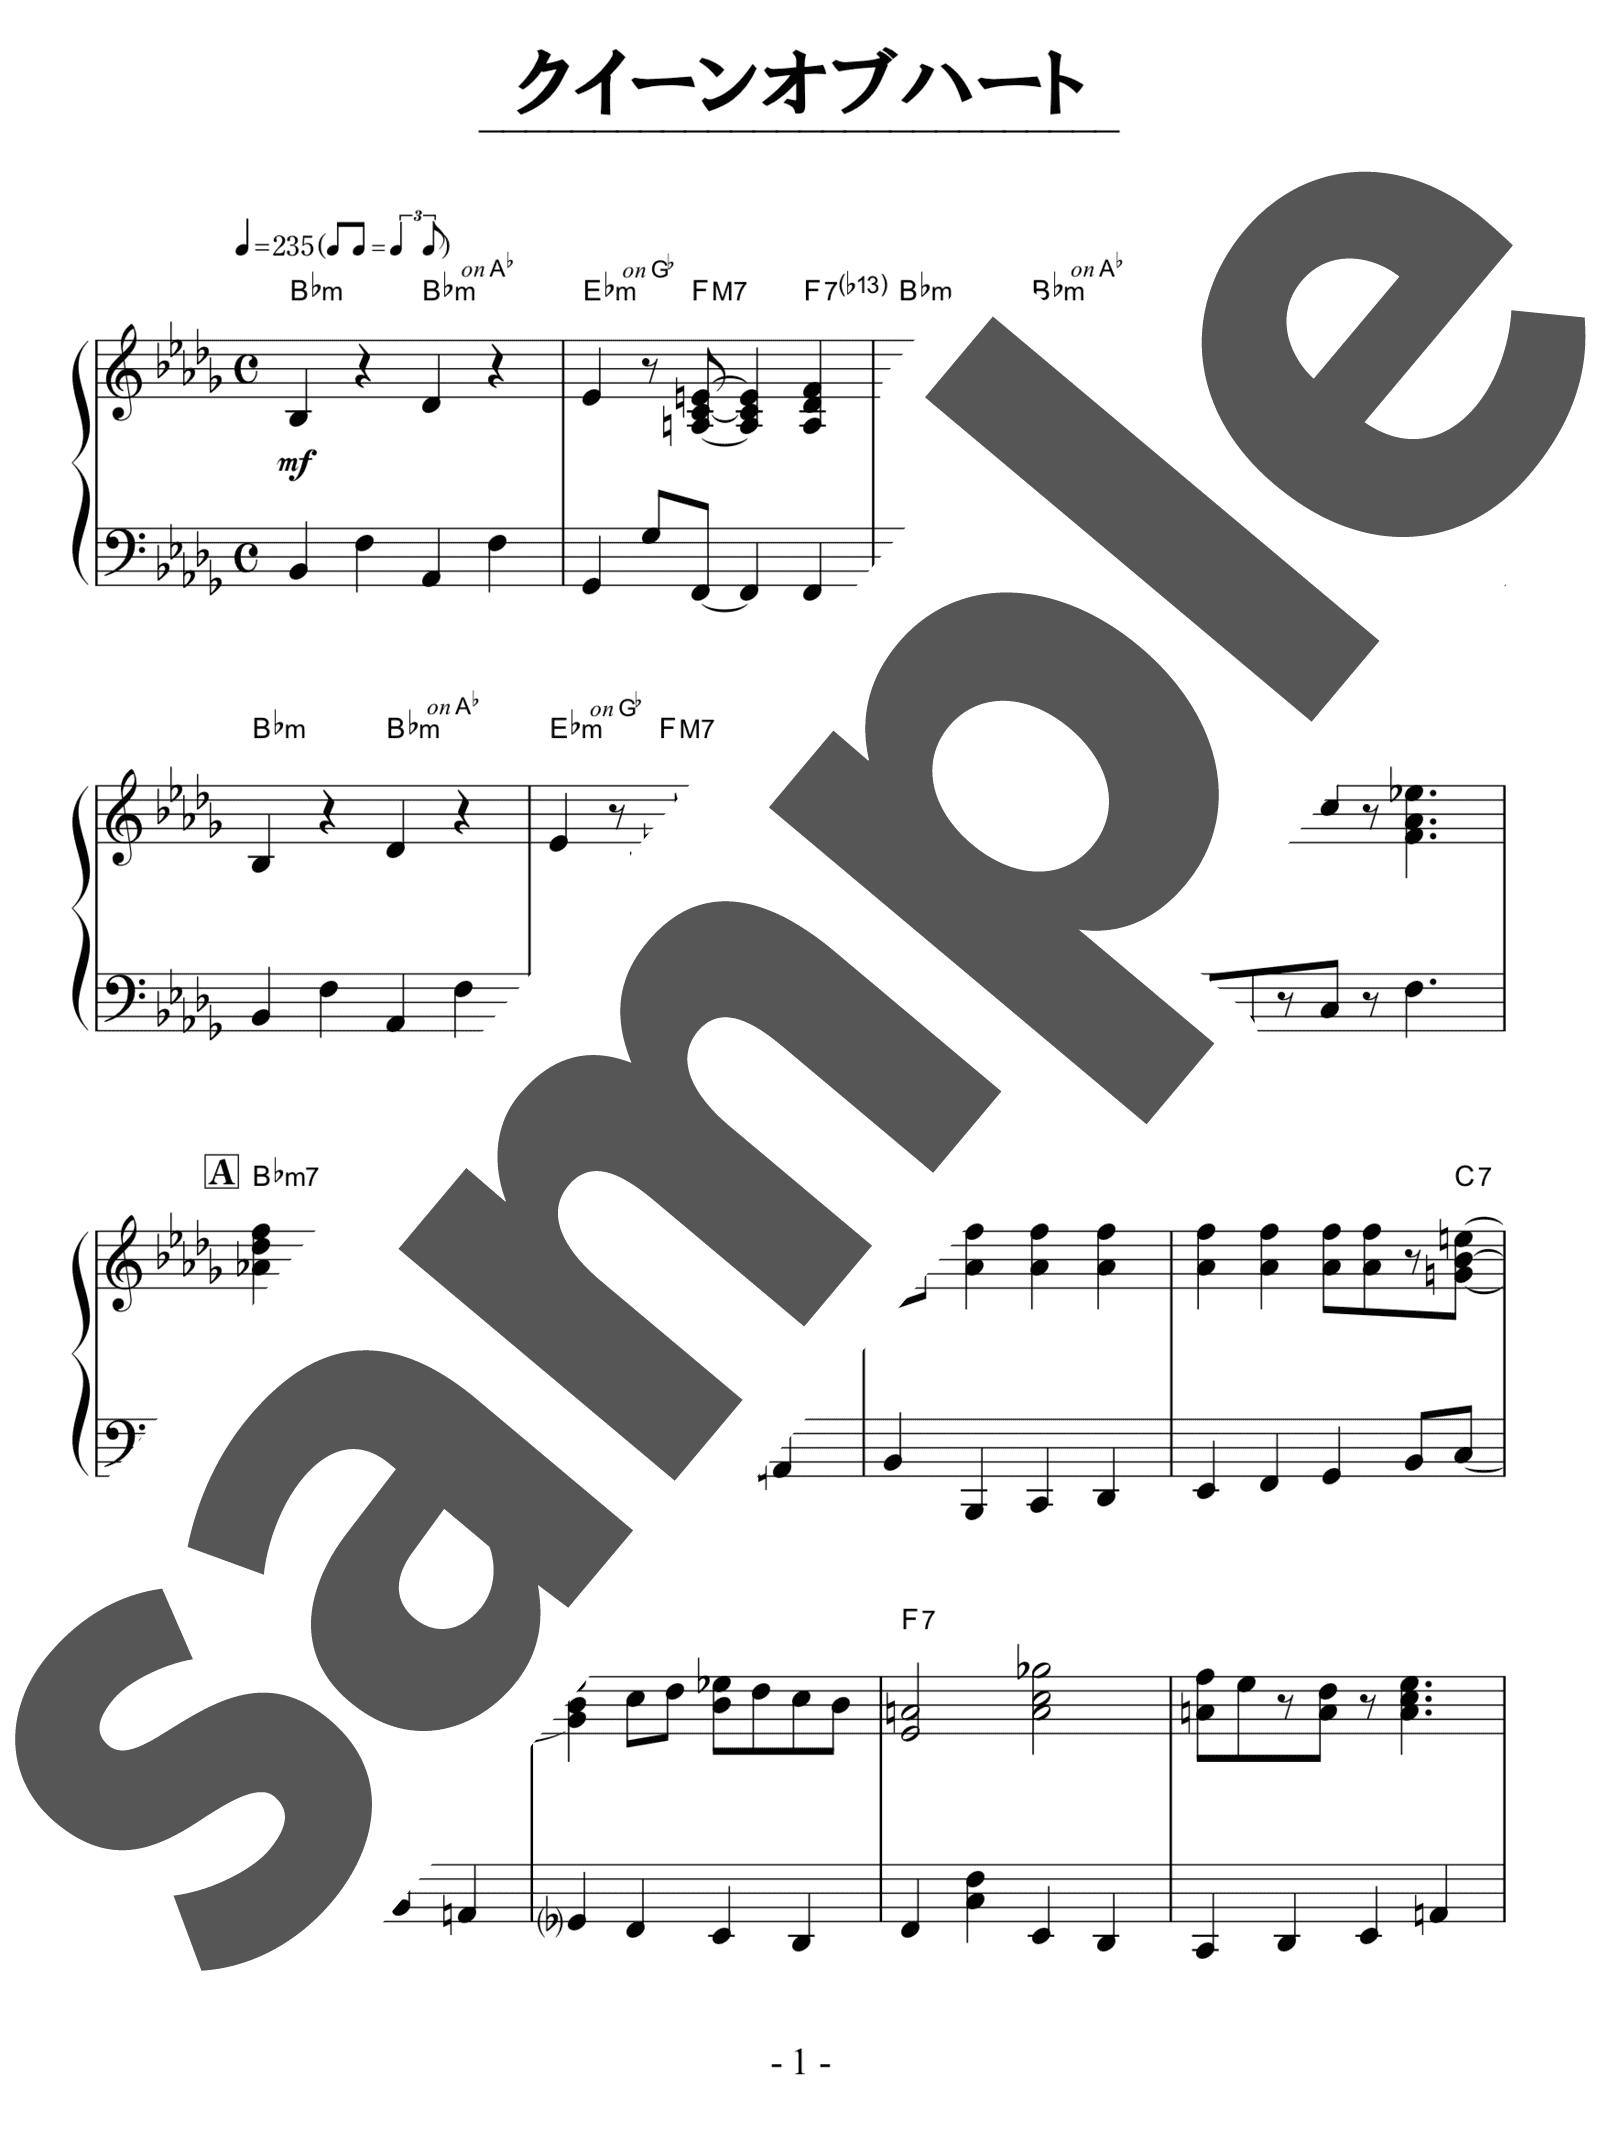 「クイーンオブハート」のサンプル楽譜